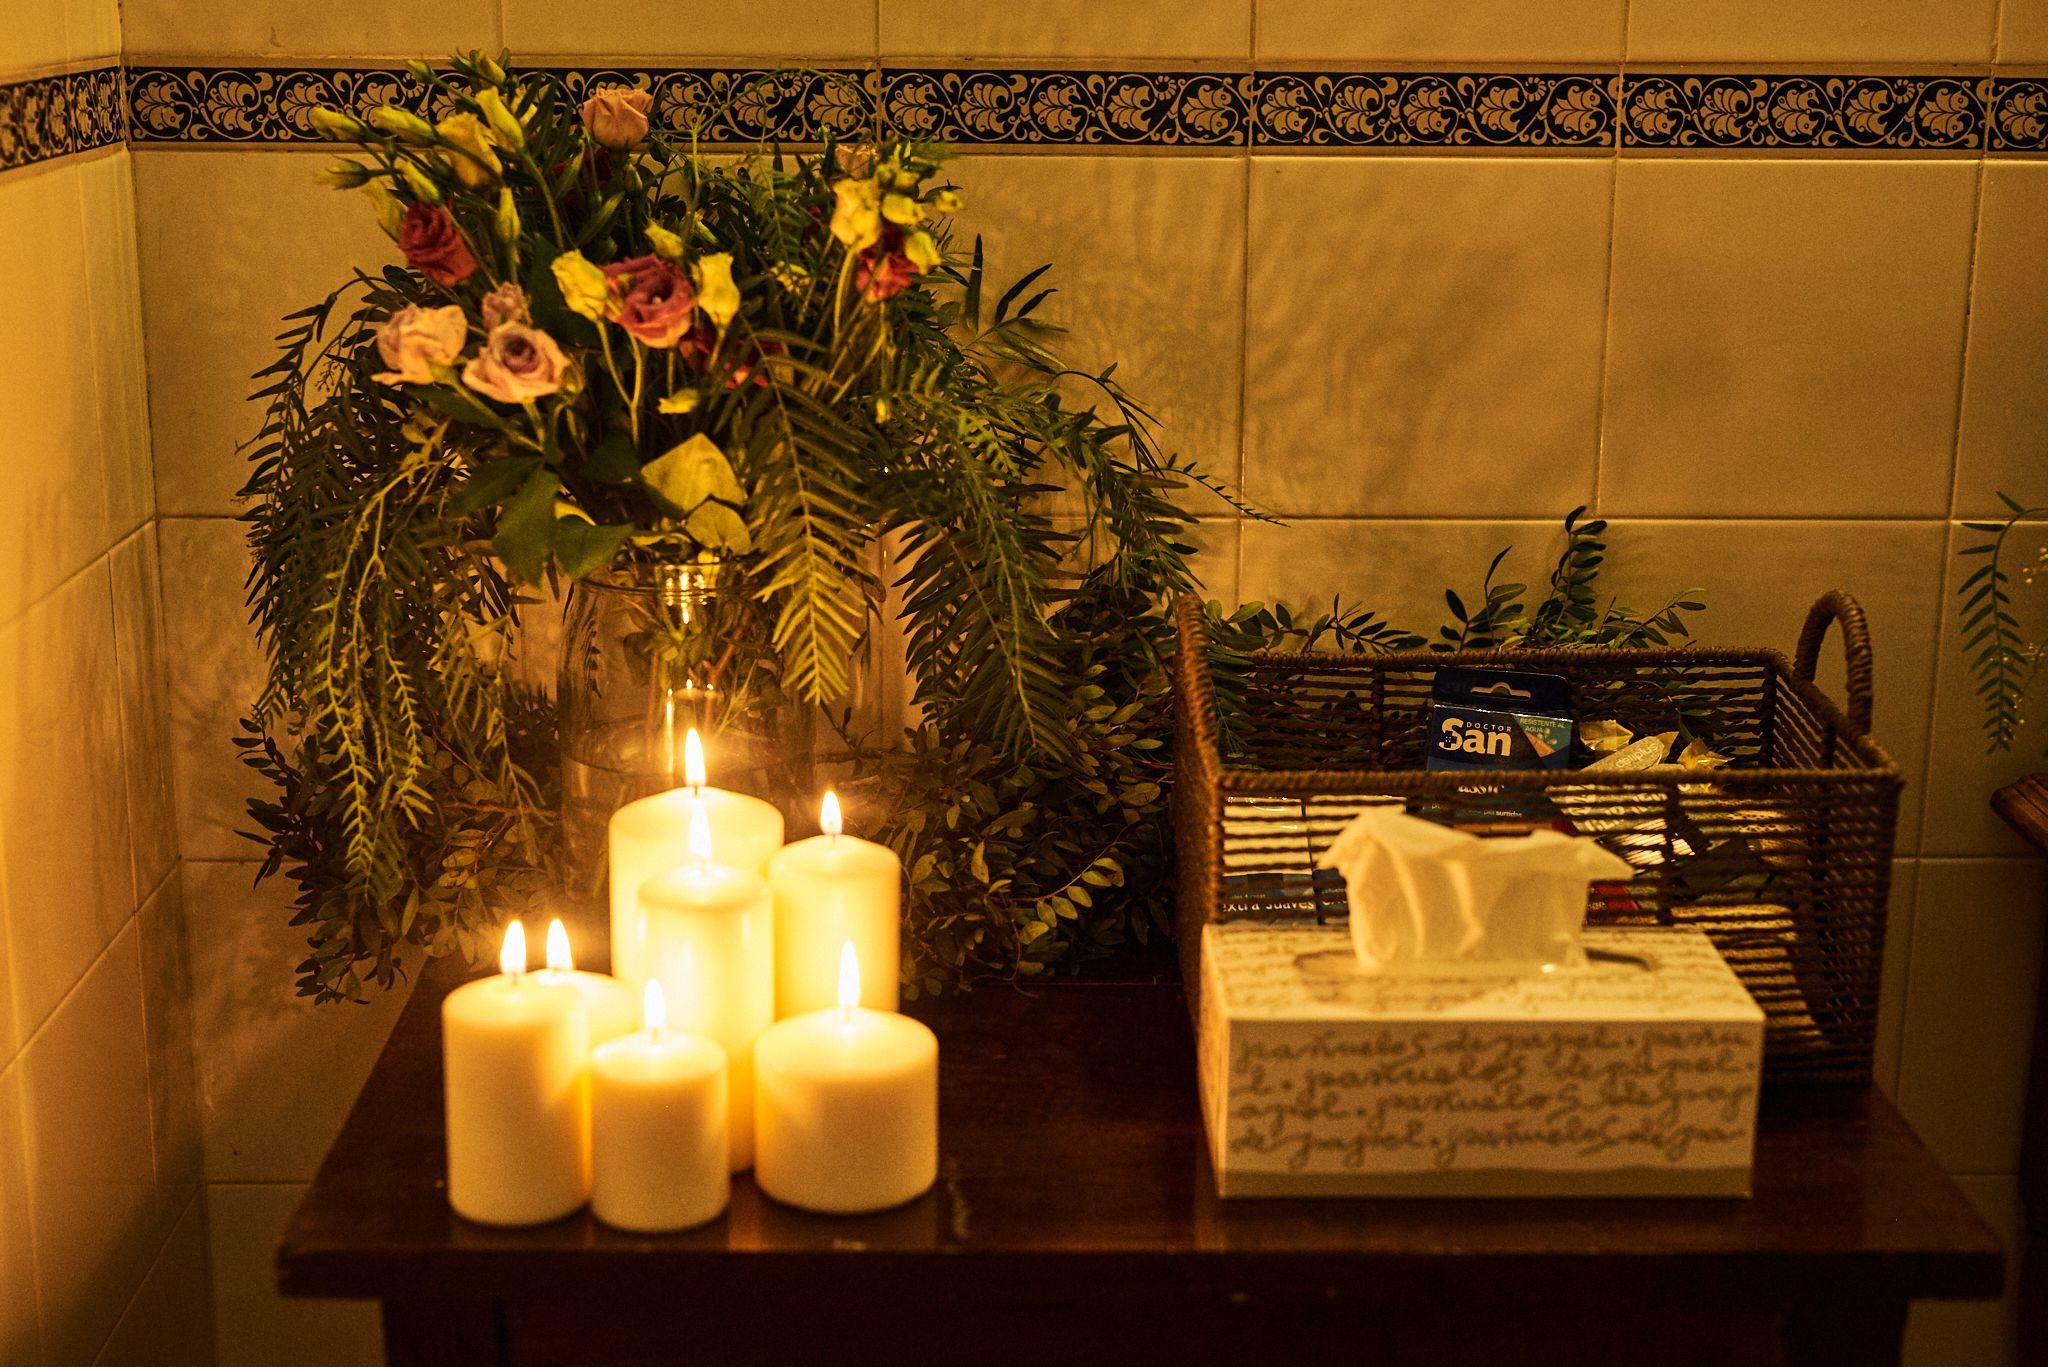 La-22Destination-Wedding22-en-Moguer-de-Lauren-y-JosC3A9-Antonio-JoseAntonio-alejandromarmol3096.jpg